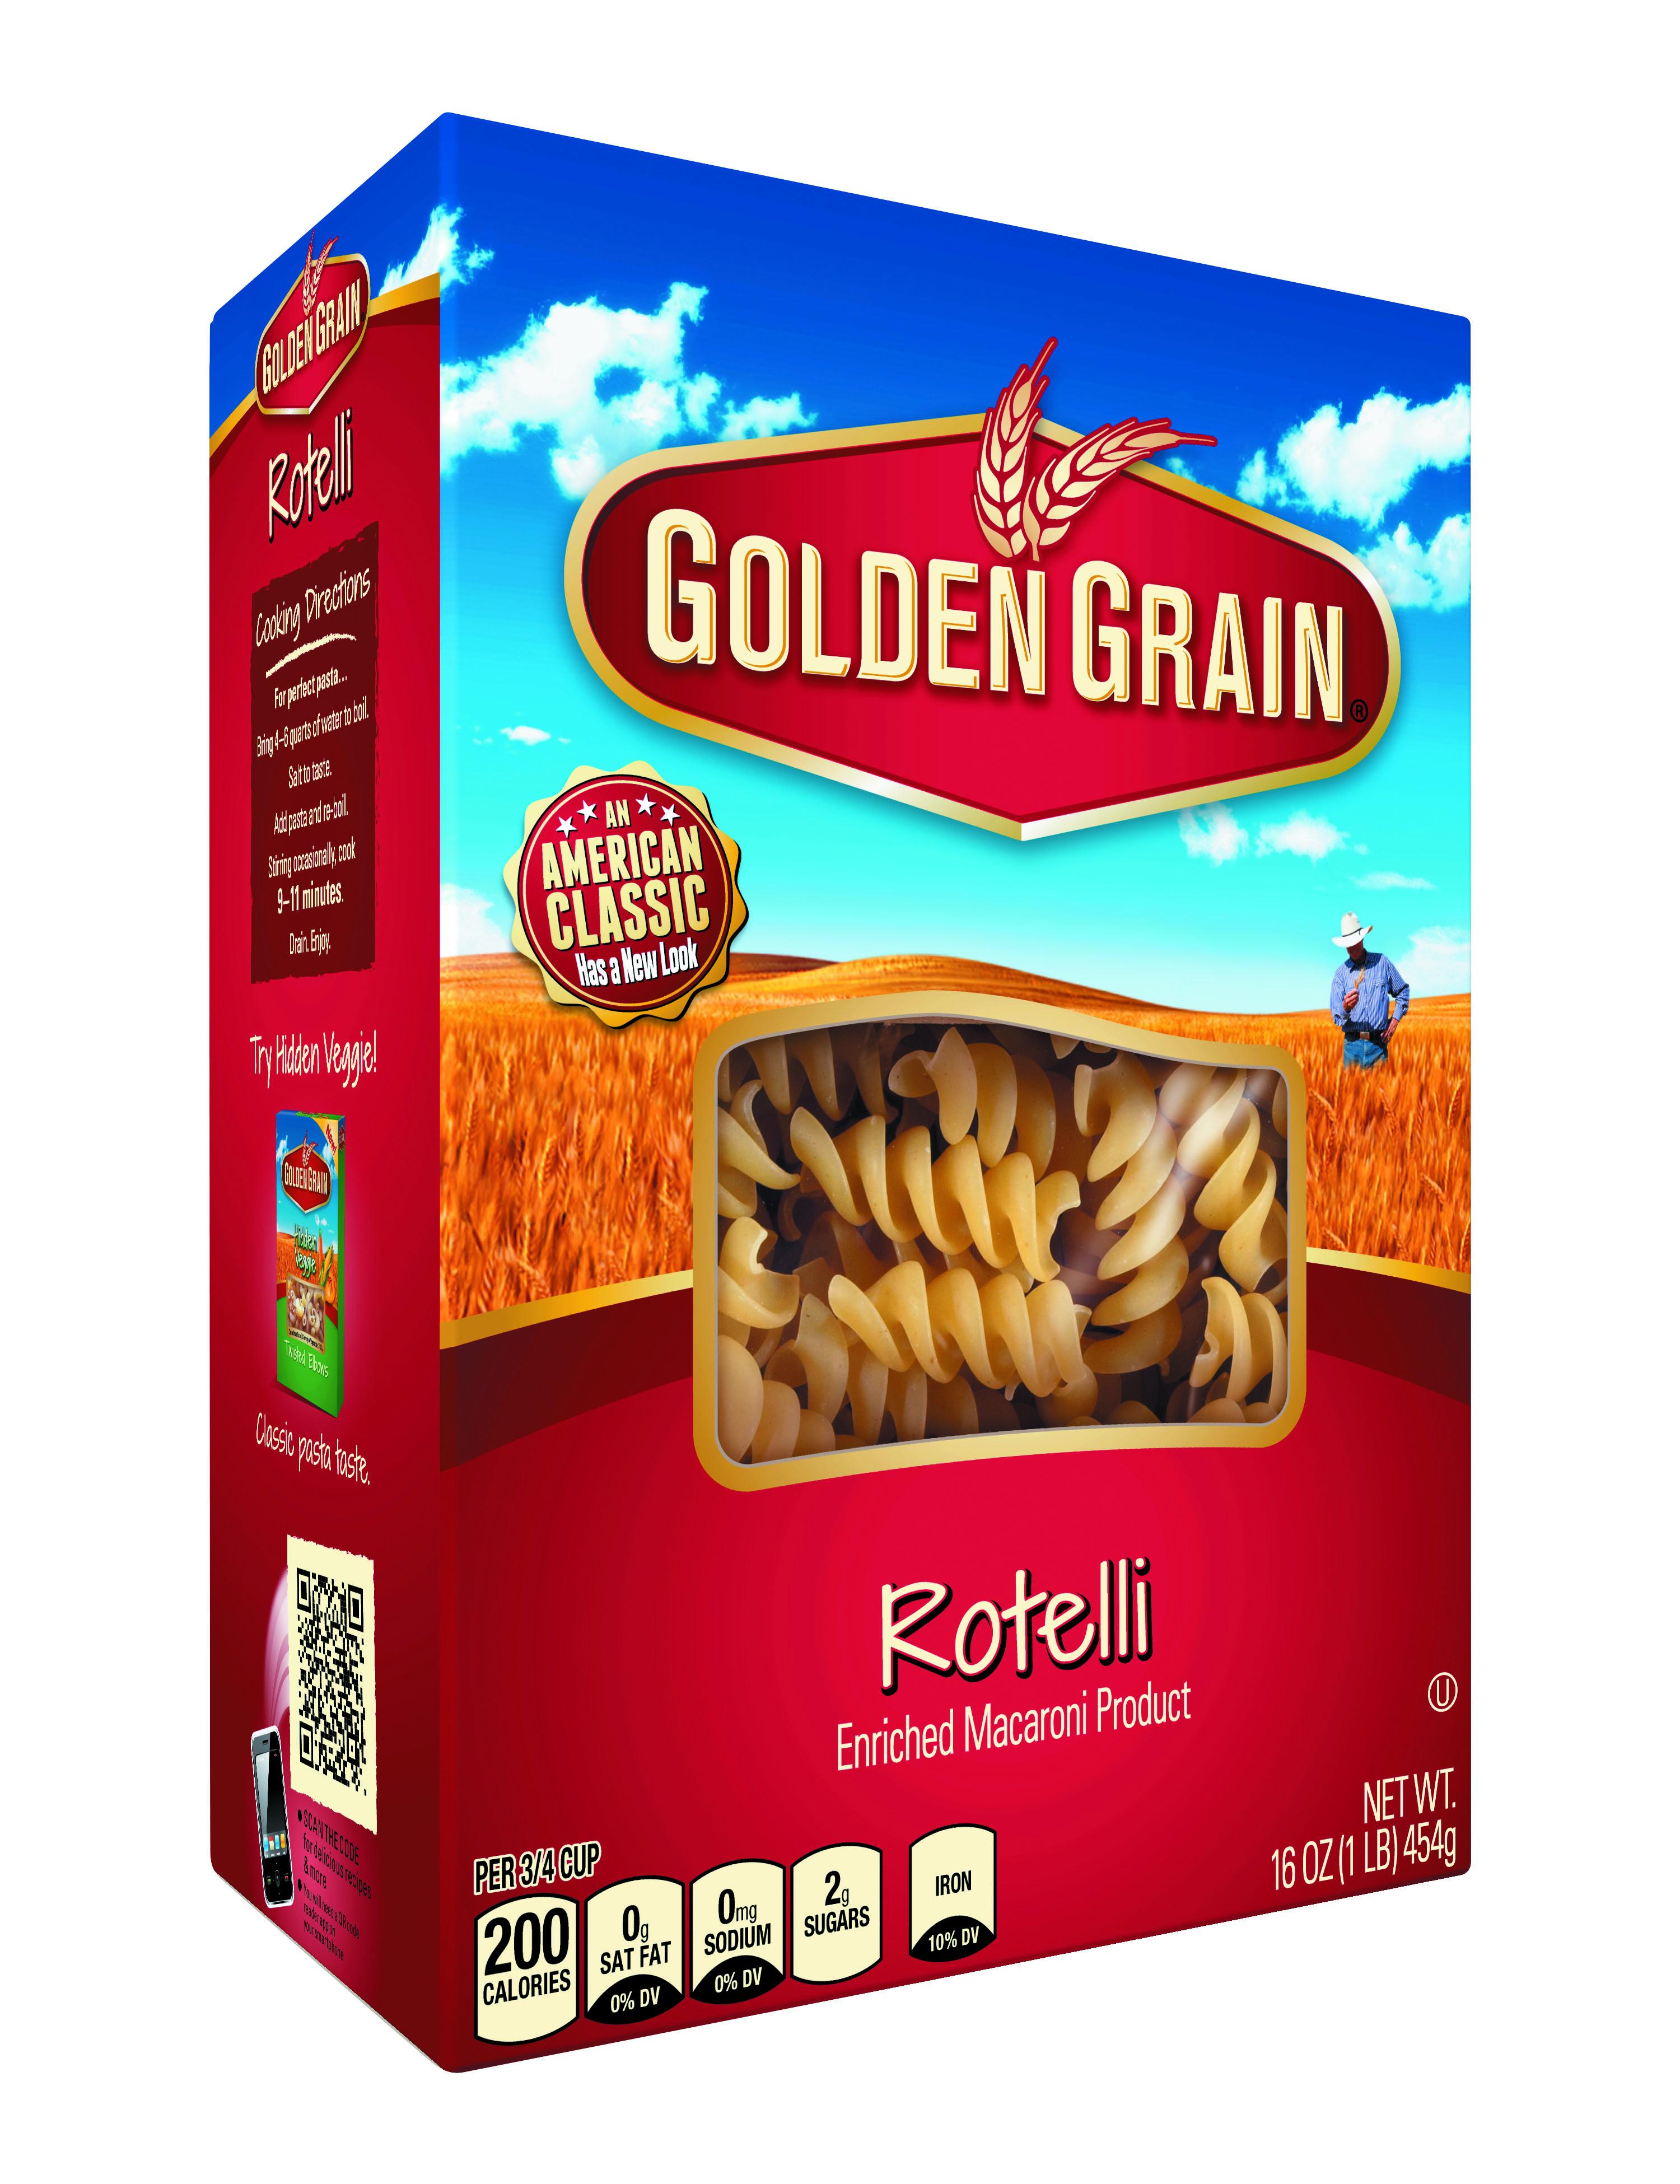 16oz-Rotelli 100% Semolina